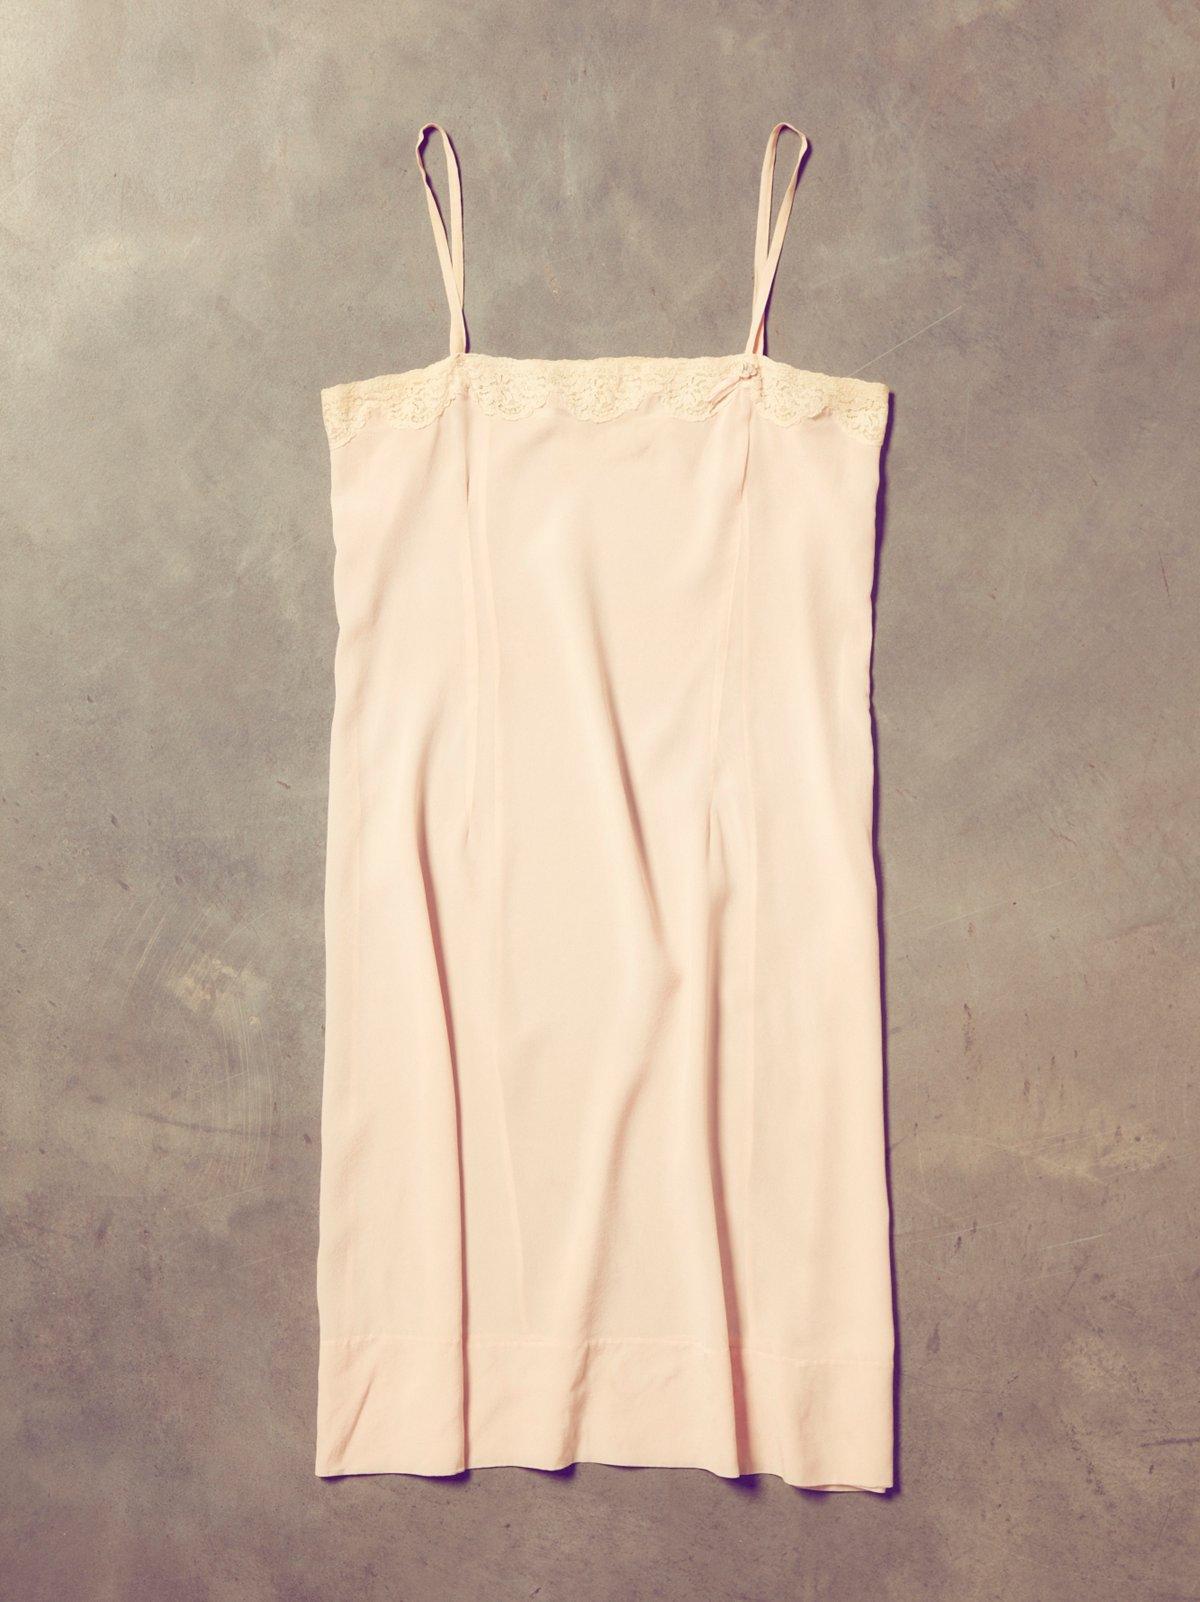 Vintage 1940s Pink Slip Dress